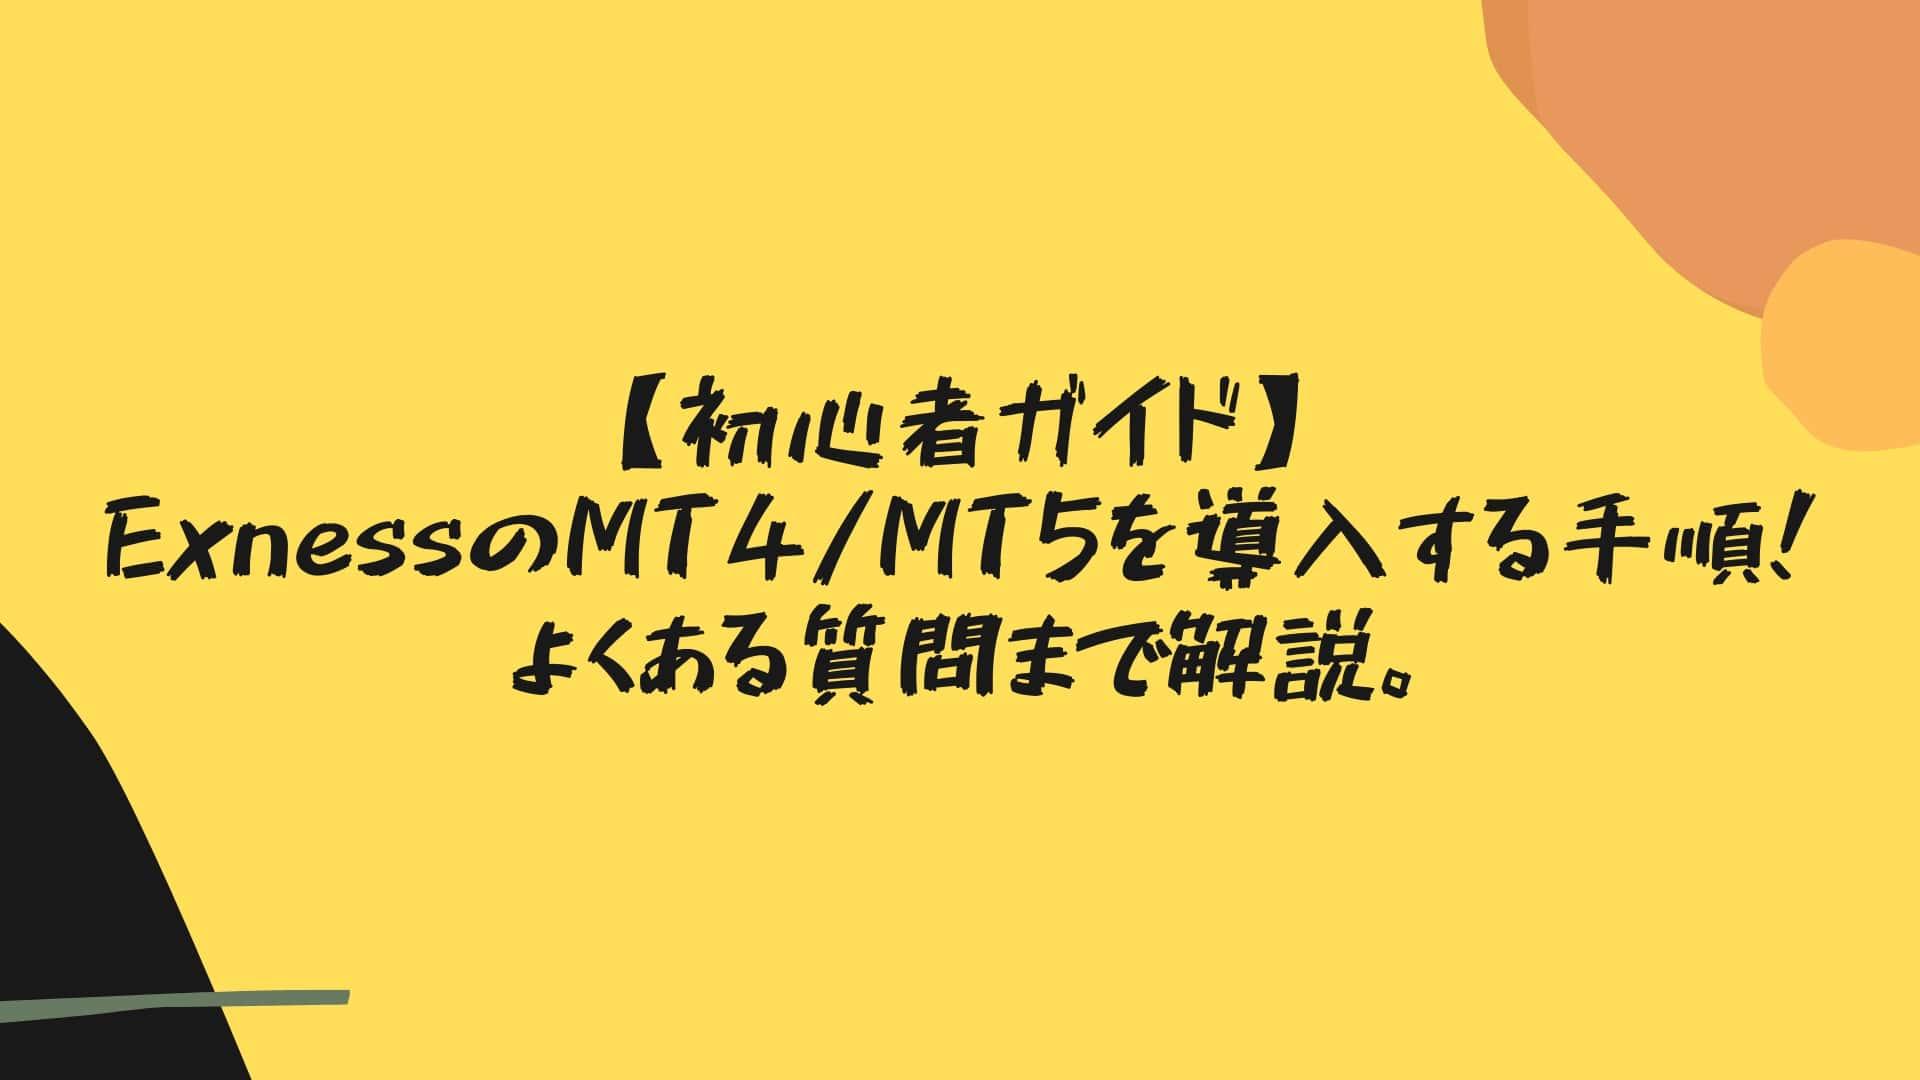 【初心者ガイド】ExnessのMT4/MT5を導入する手順!よくある質問まで解説。